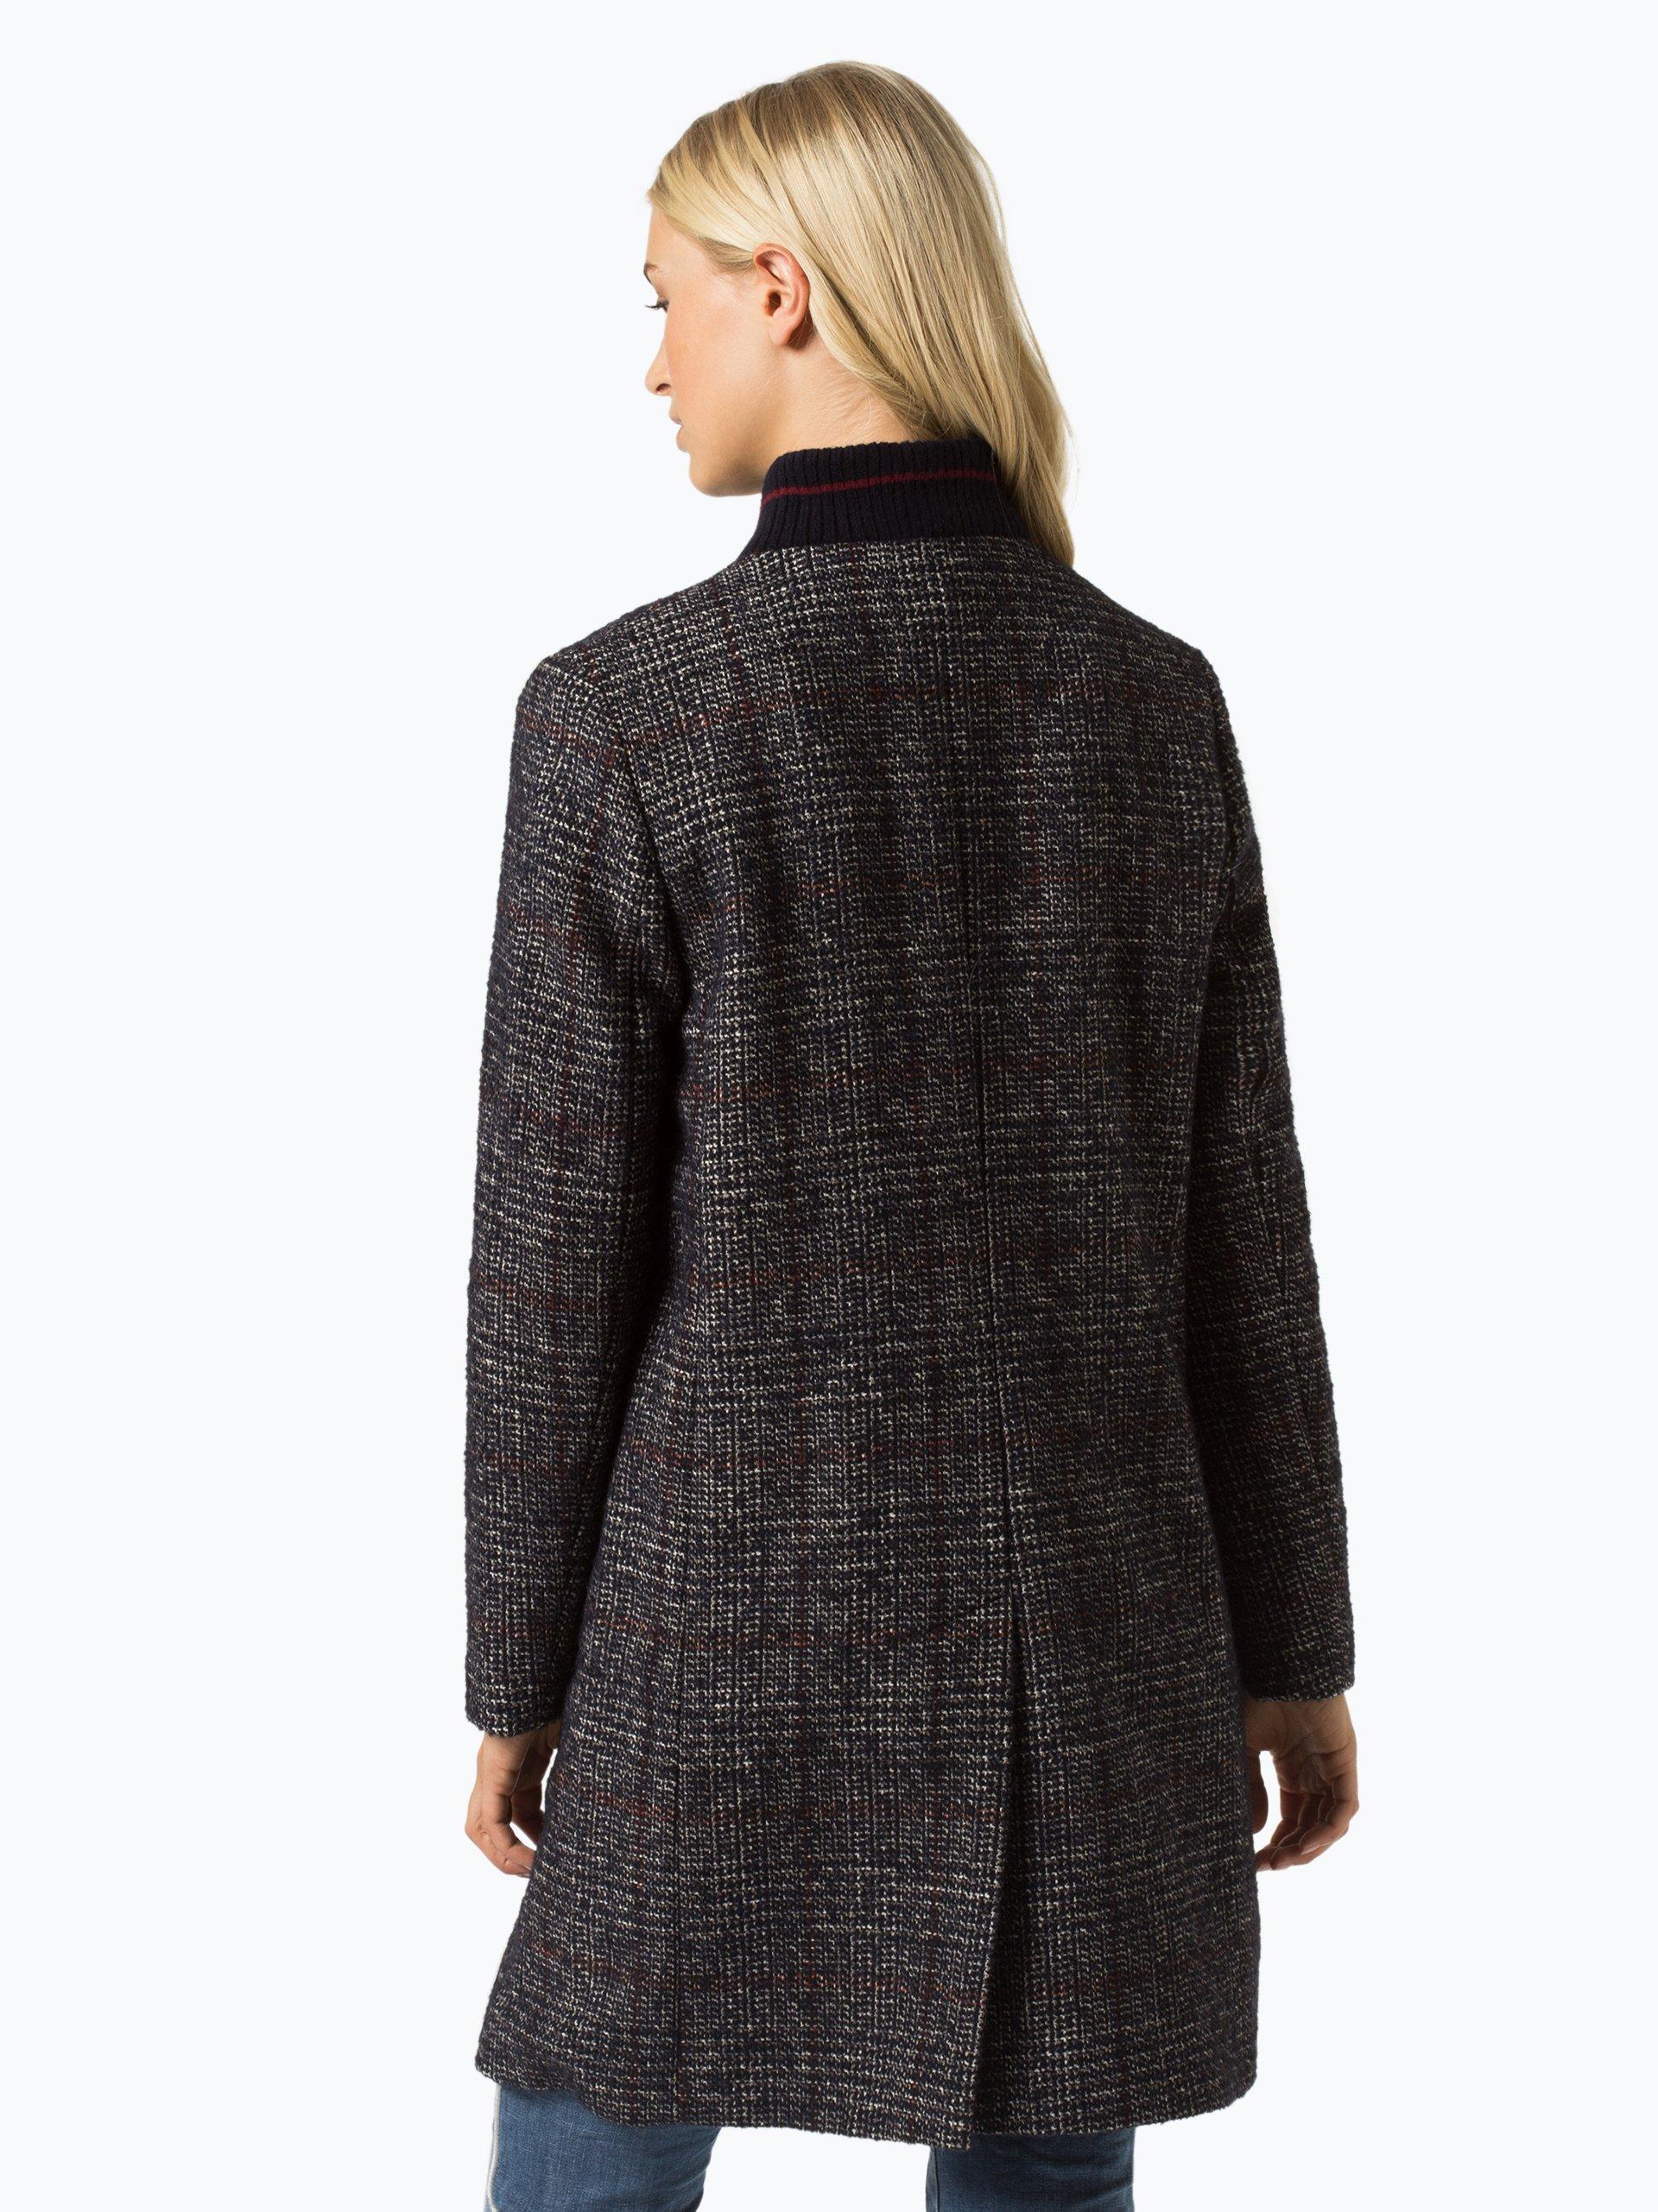 fuchs schmitt damen mantel mit alpaka und cashmere anteil marine kariert online kaufen peek. Black Bedroom Furniture Sets. Home Design Ideas